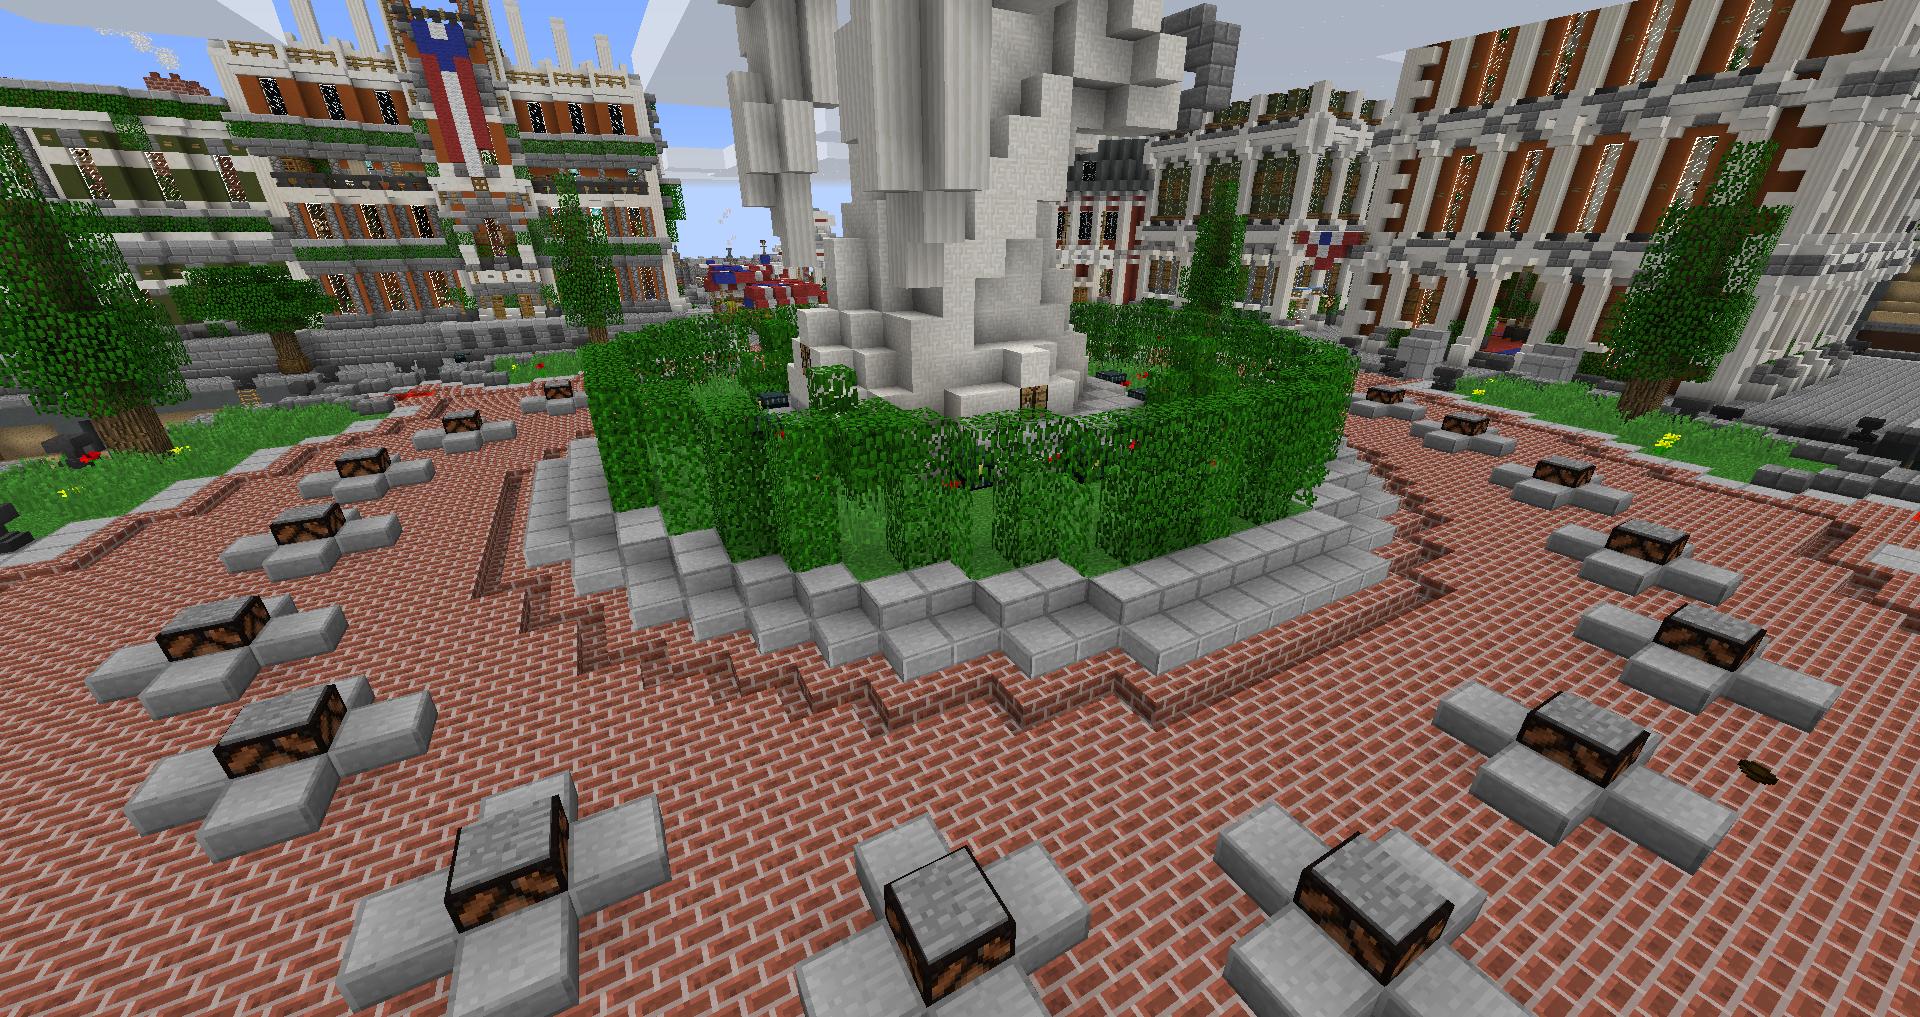 MinecraftMinigames Die Ihr Kennen Solltet SurvivalSandboxde - Minecraft minispiele